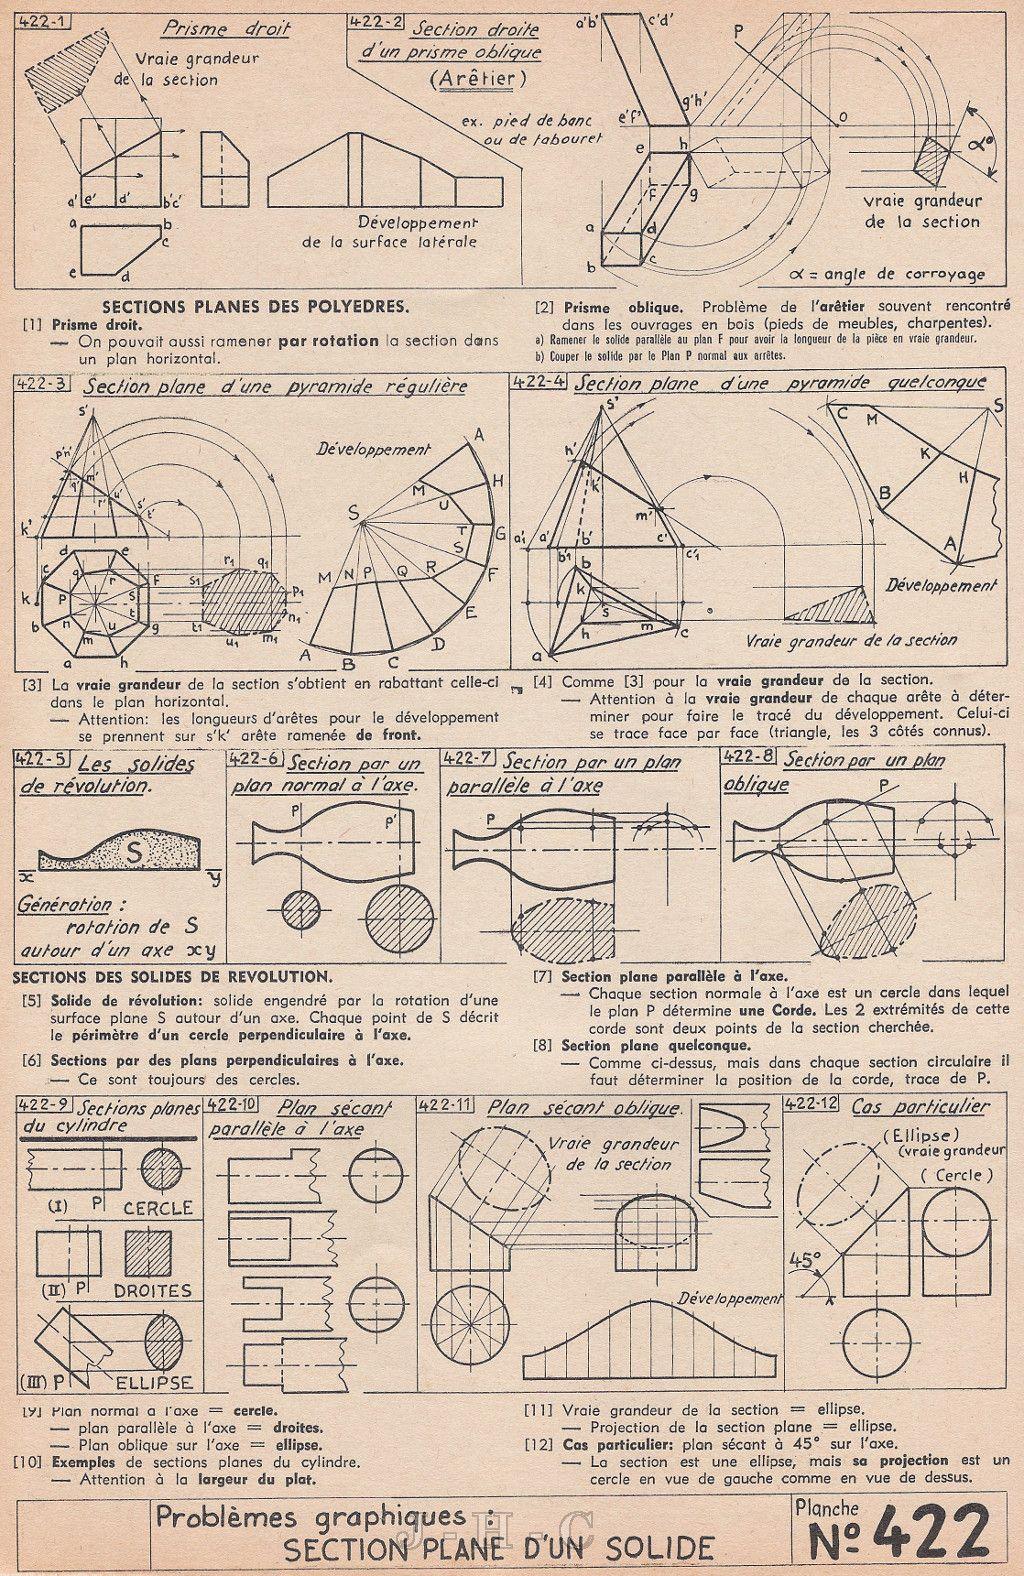 Manuel Du Dessinateur Section Plane D Un Solide Geometry Art Geometric Shapes Art Technical Drawing